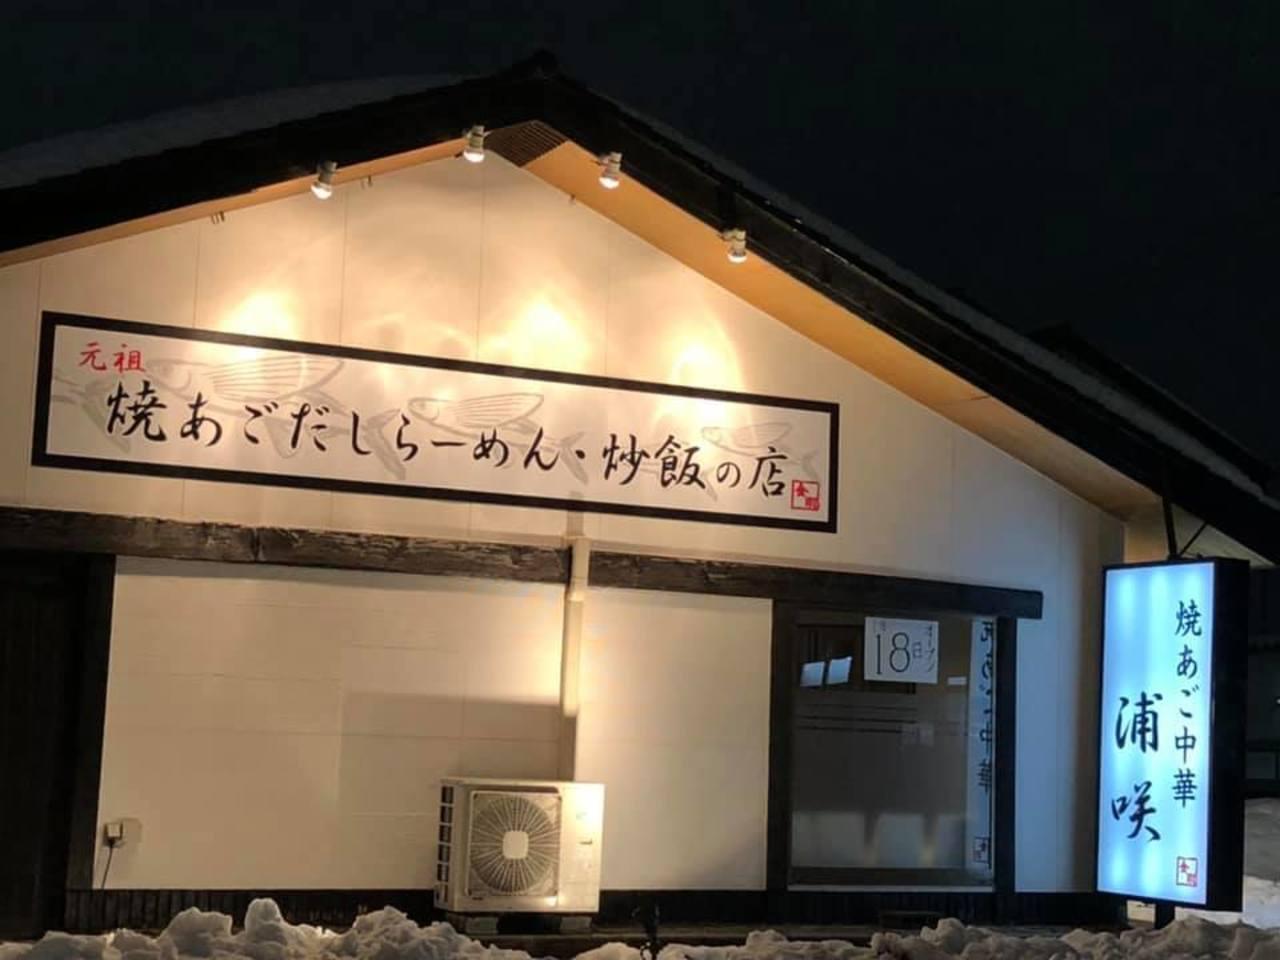 新潟県新潟市東区はなみずき2丁目に「焼あご中華 浦咲」が1/18オープンされたようです。